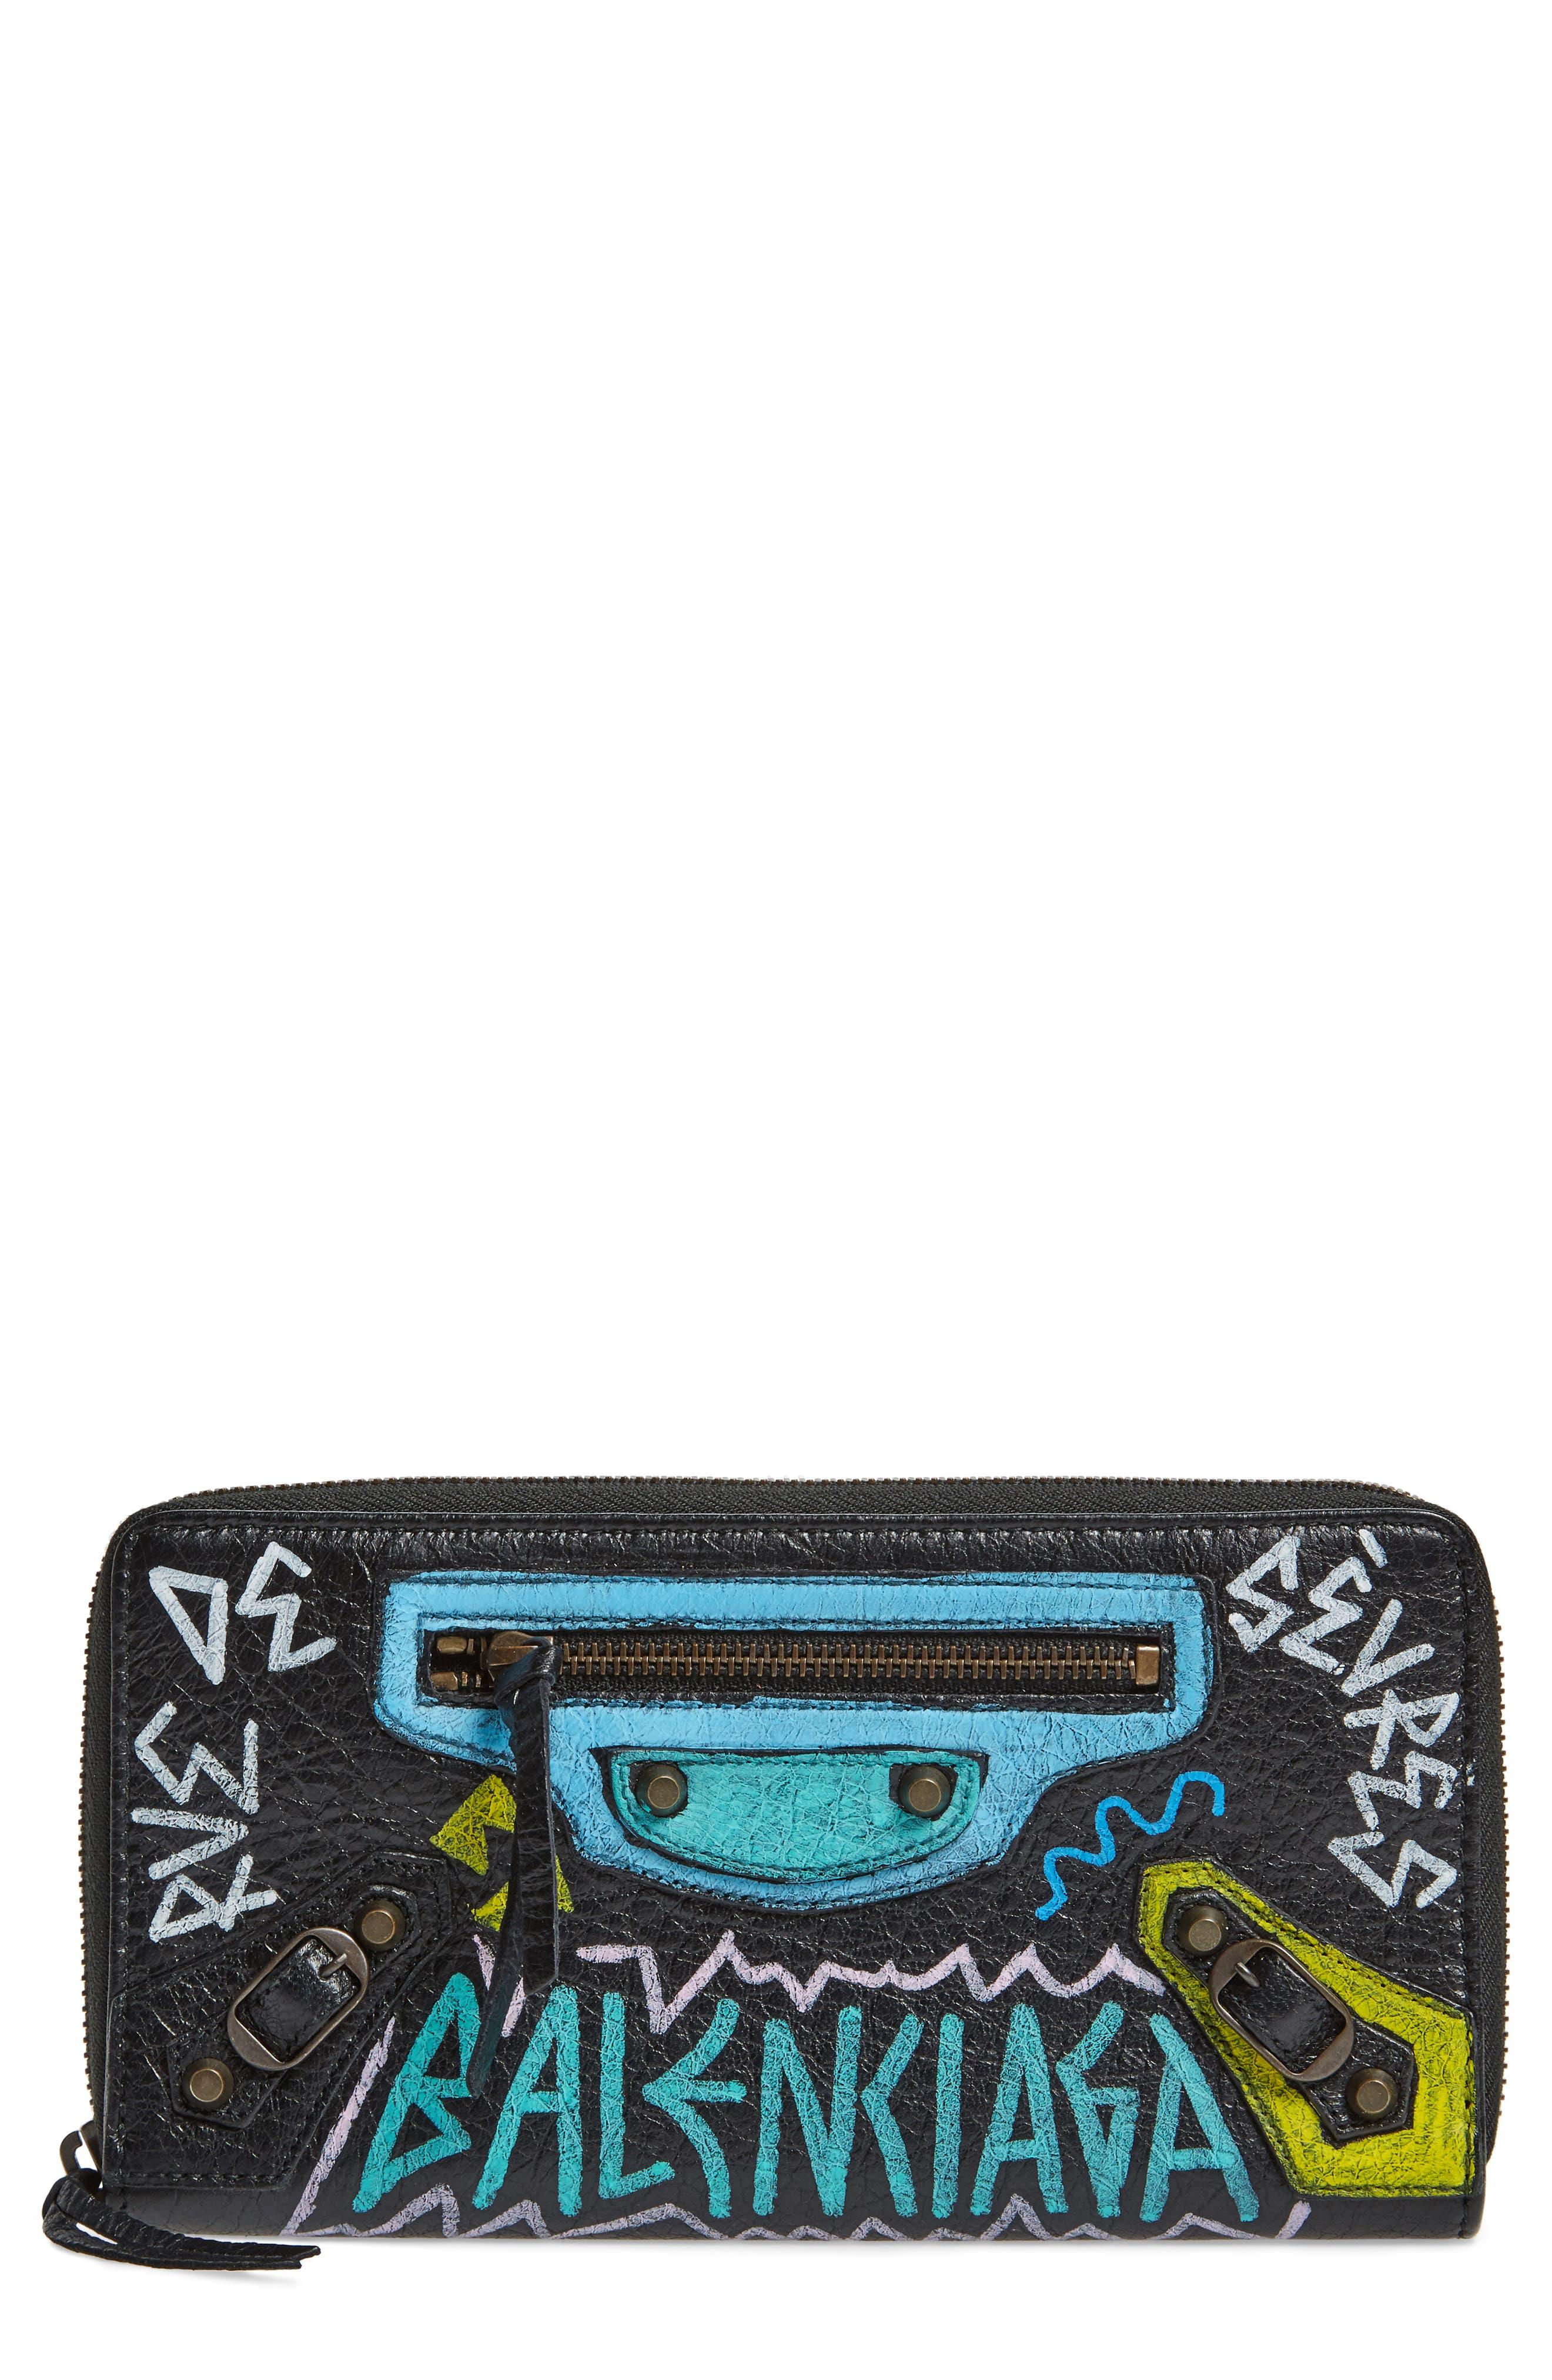 Classic Continental Leather Wallet,                         Main,                         color, Noir/ Multi Color